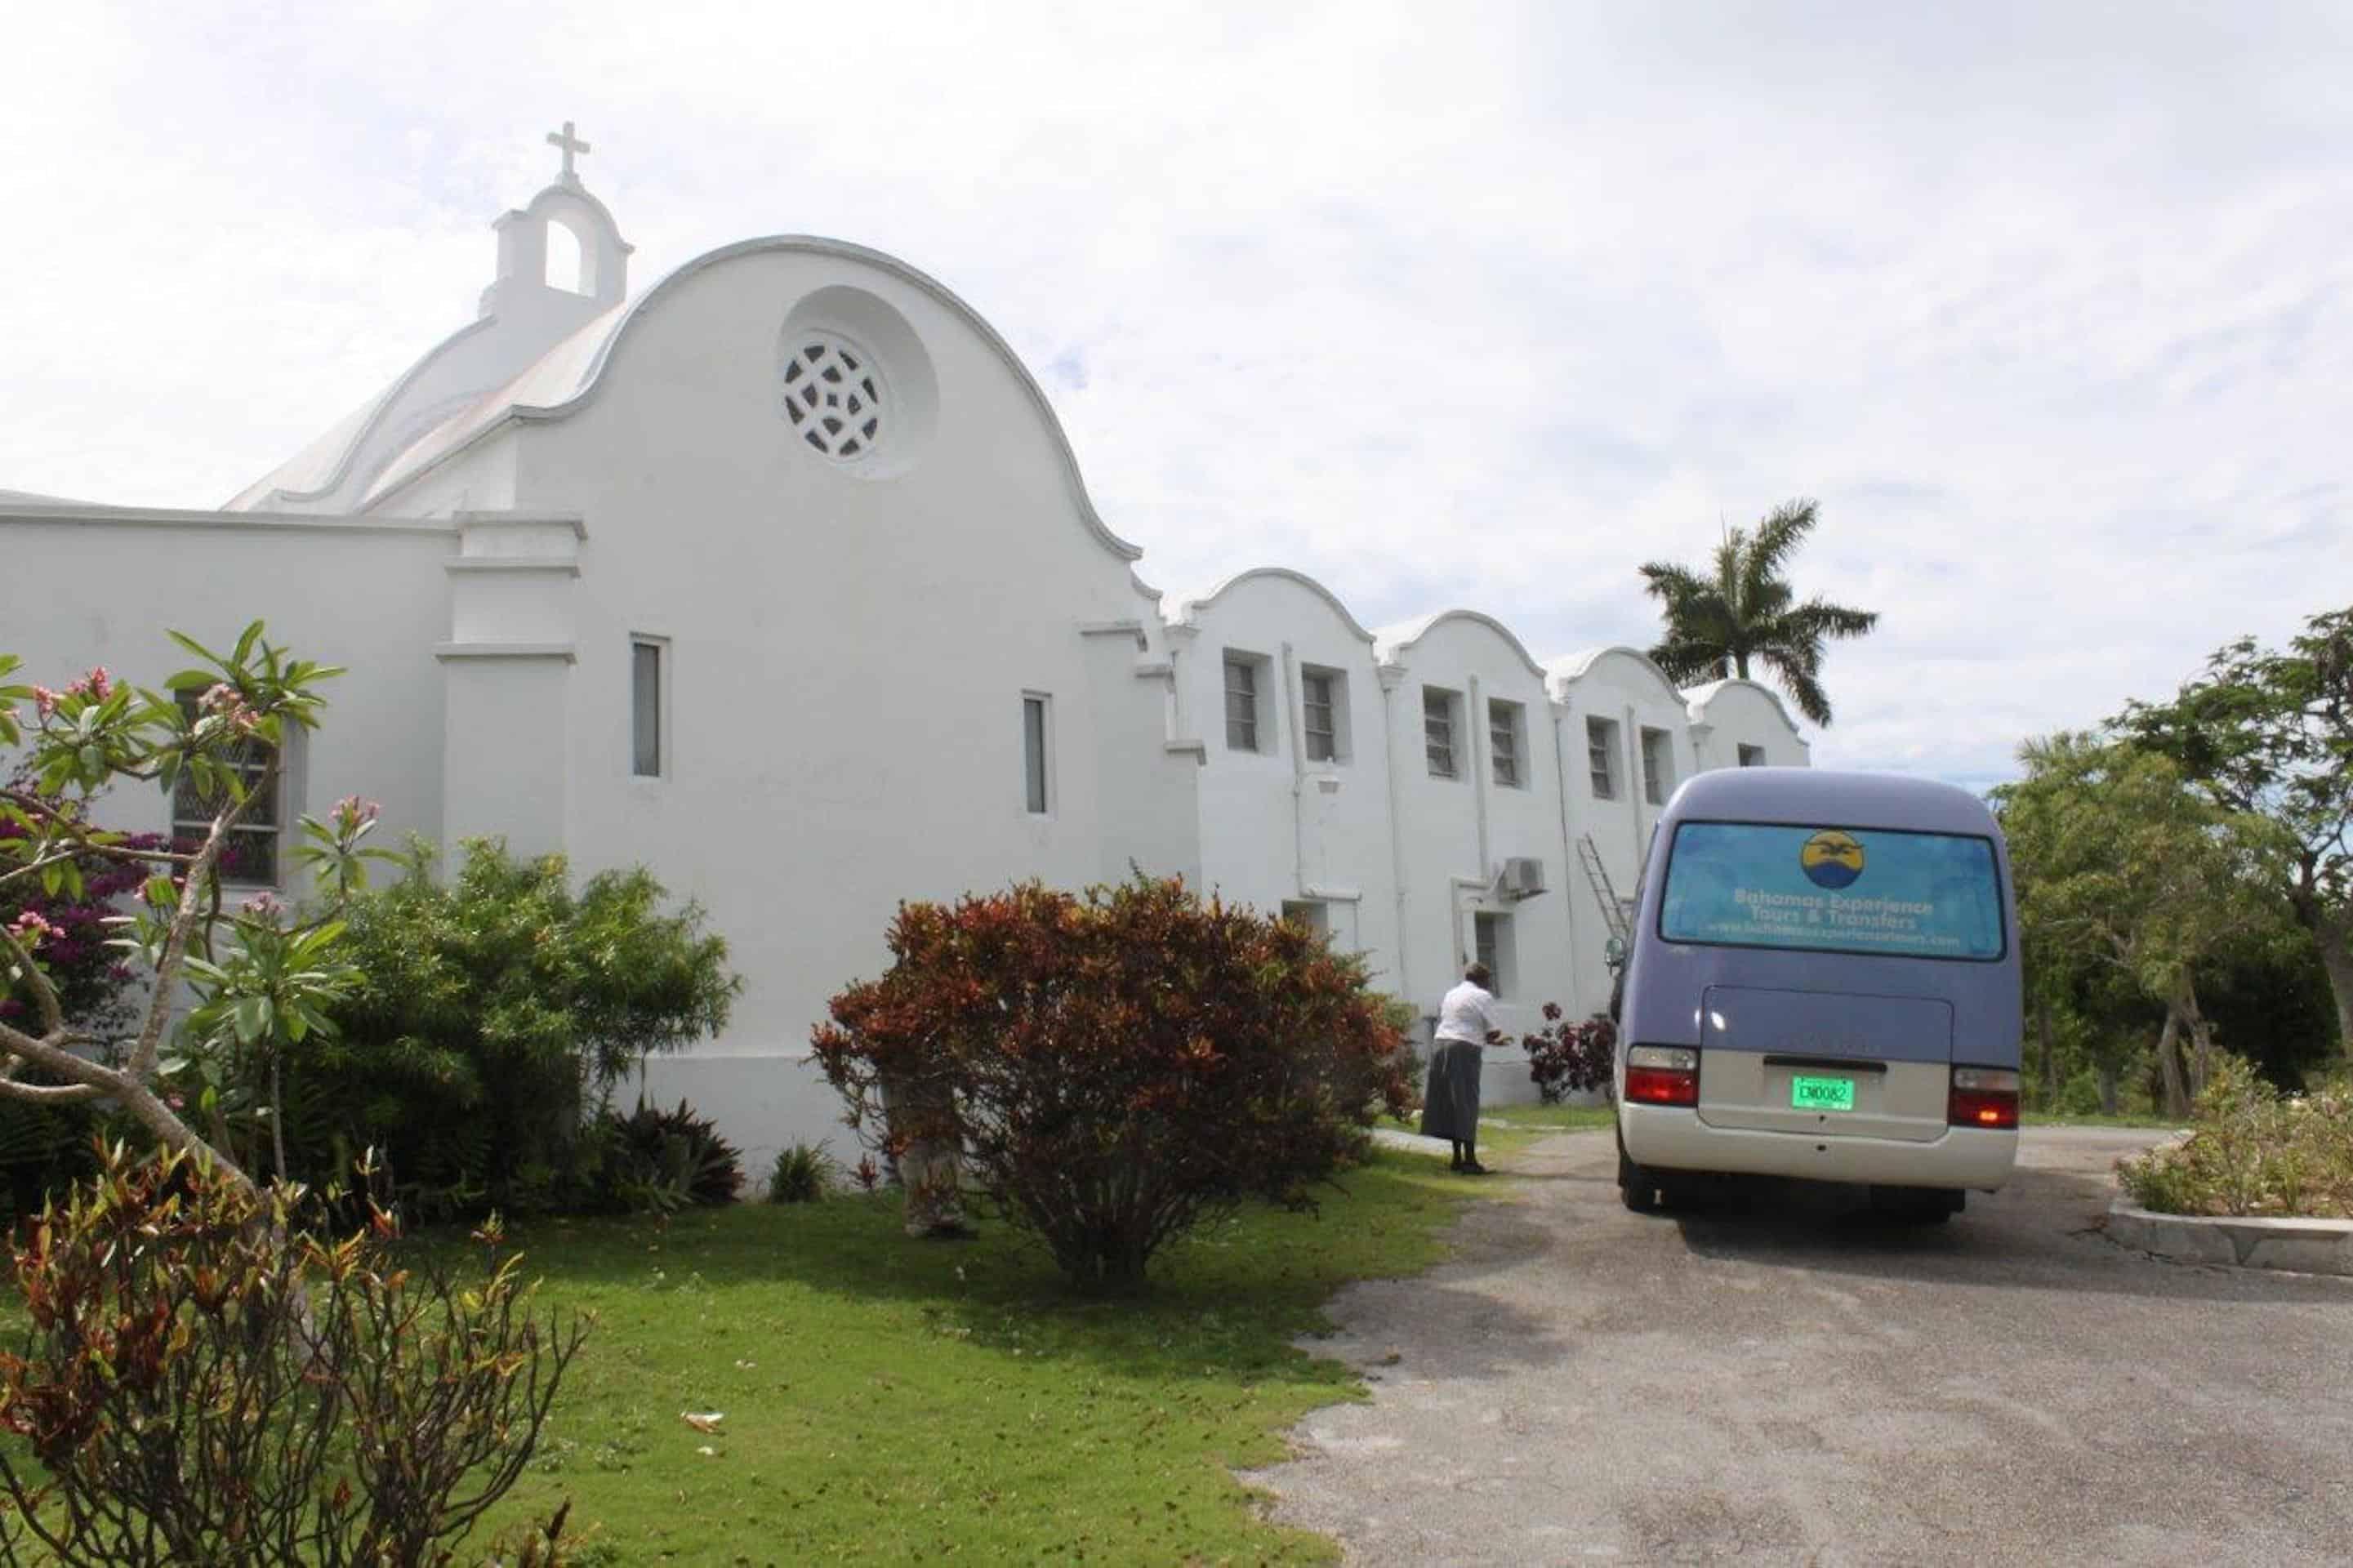 Saint Martin de Porres Convent